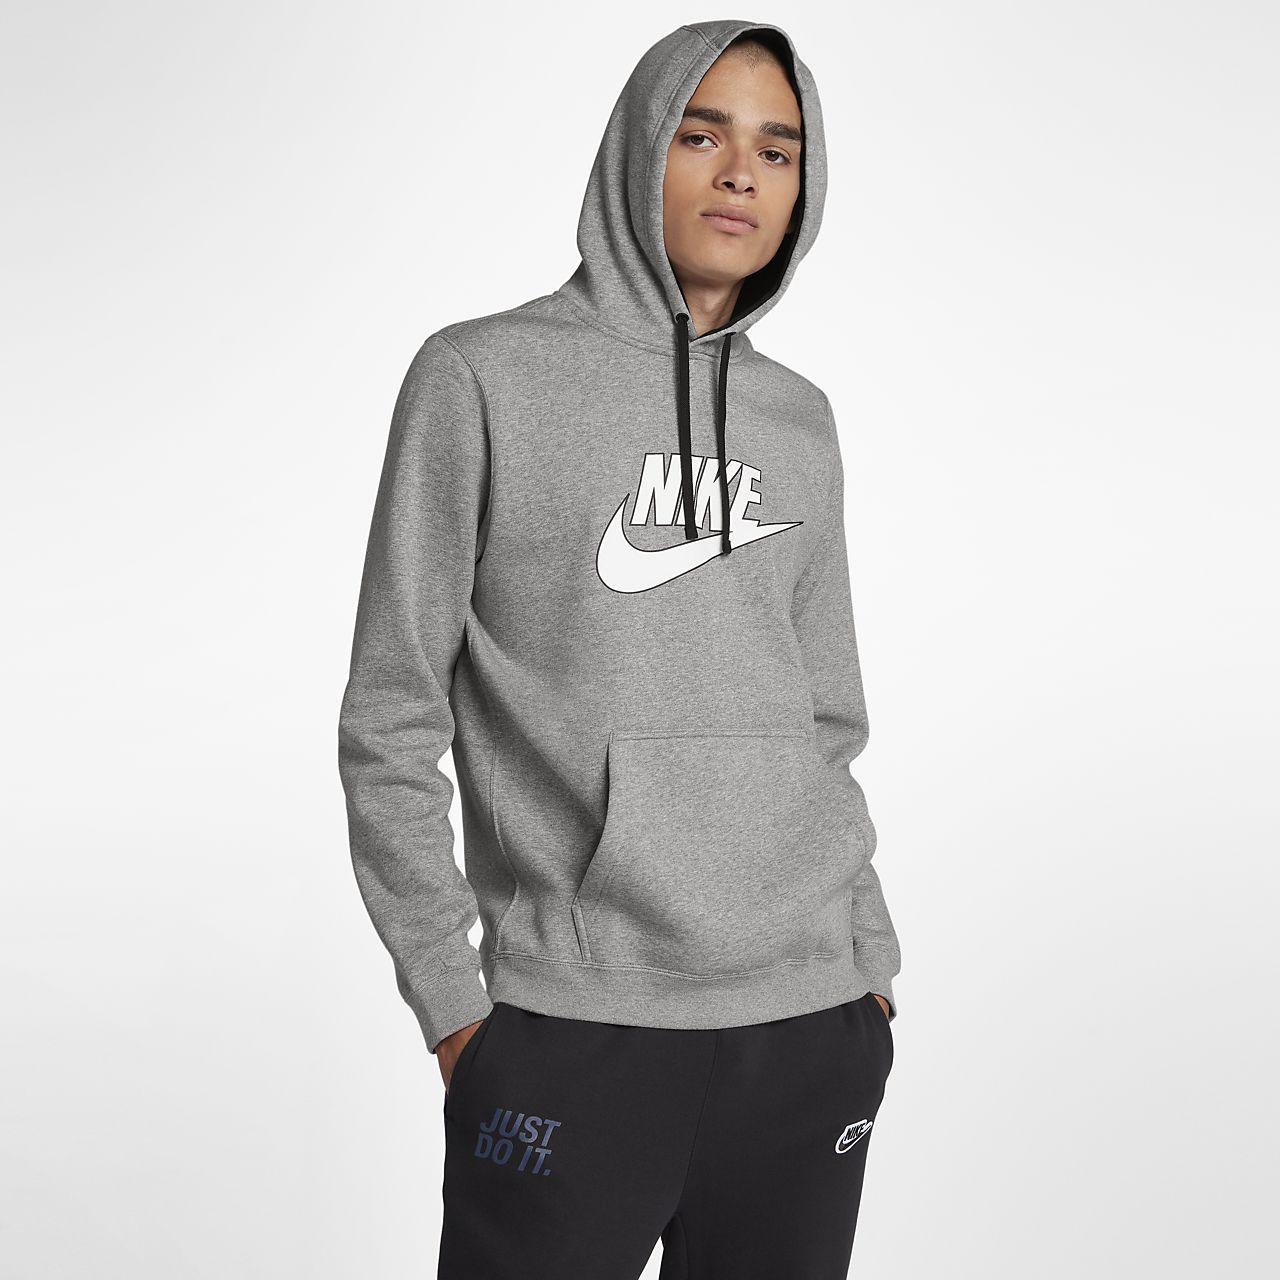 d1f1e493 Nike Sportswear Men's Fleece Pullover Hoodie. Nike.com